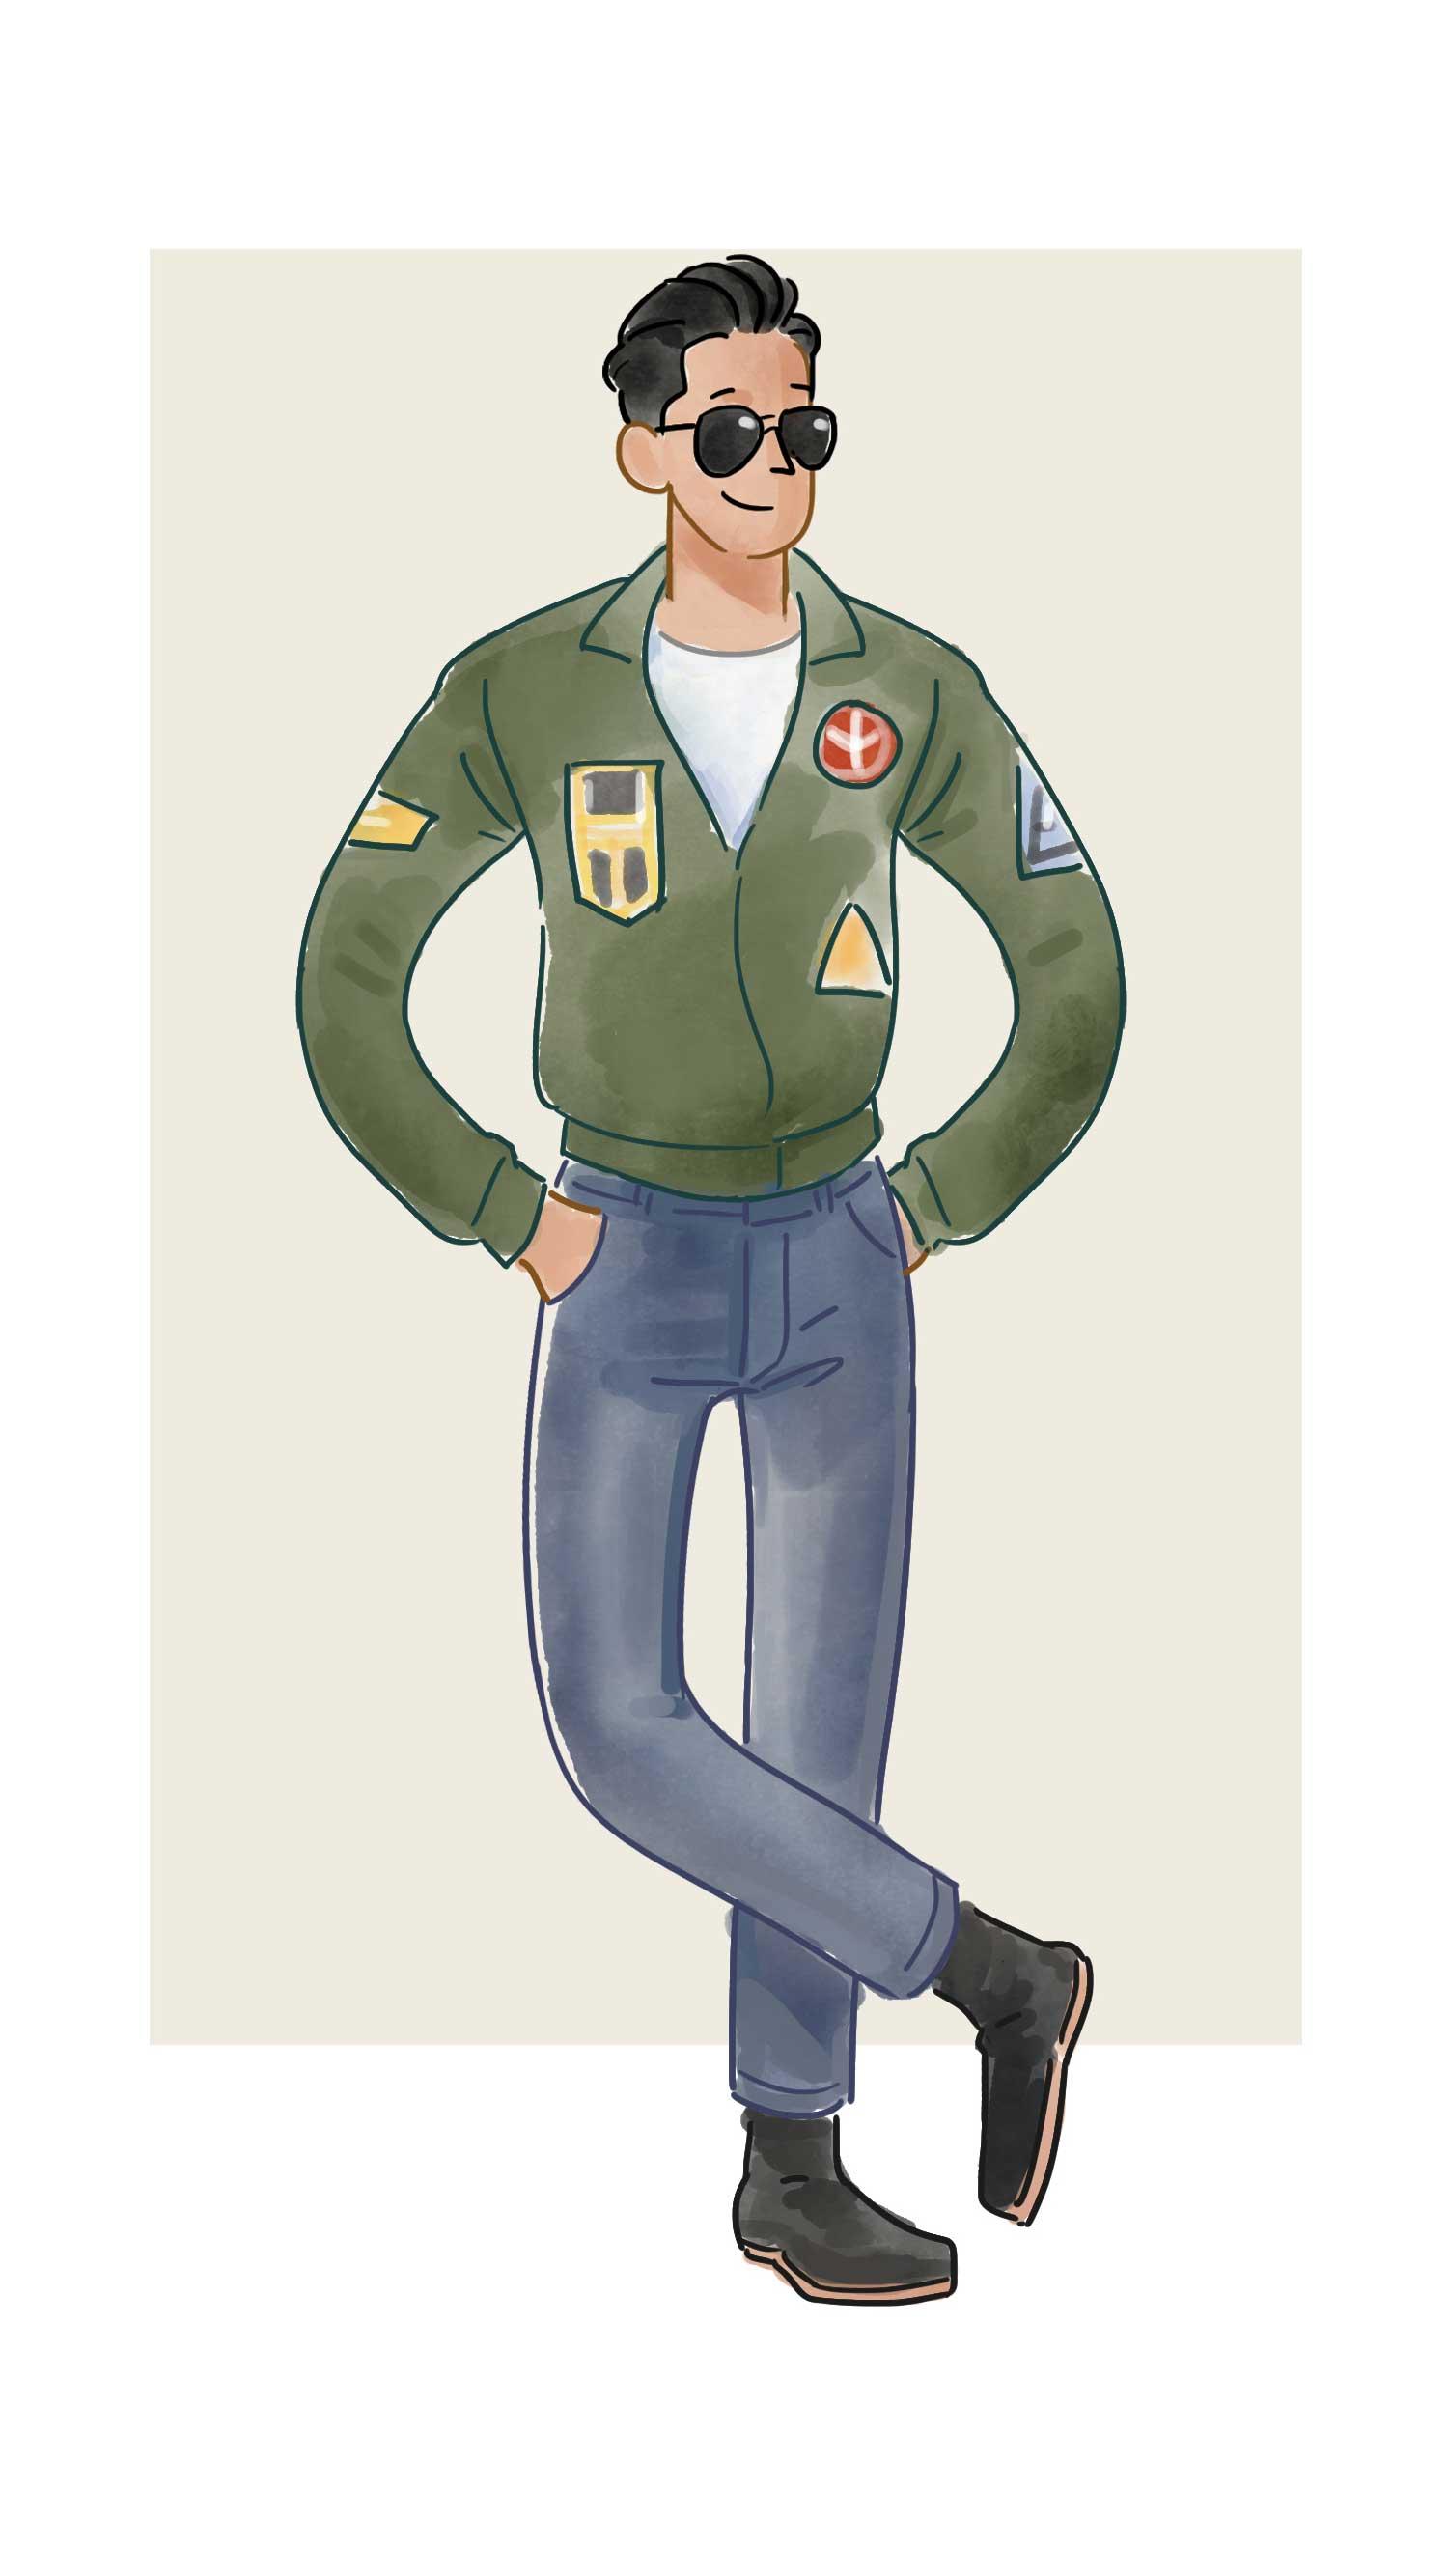 每日穿搭|《Top Gun》中有徽章的飞行员夹克才真时髦